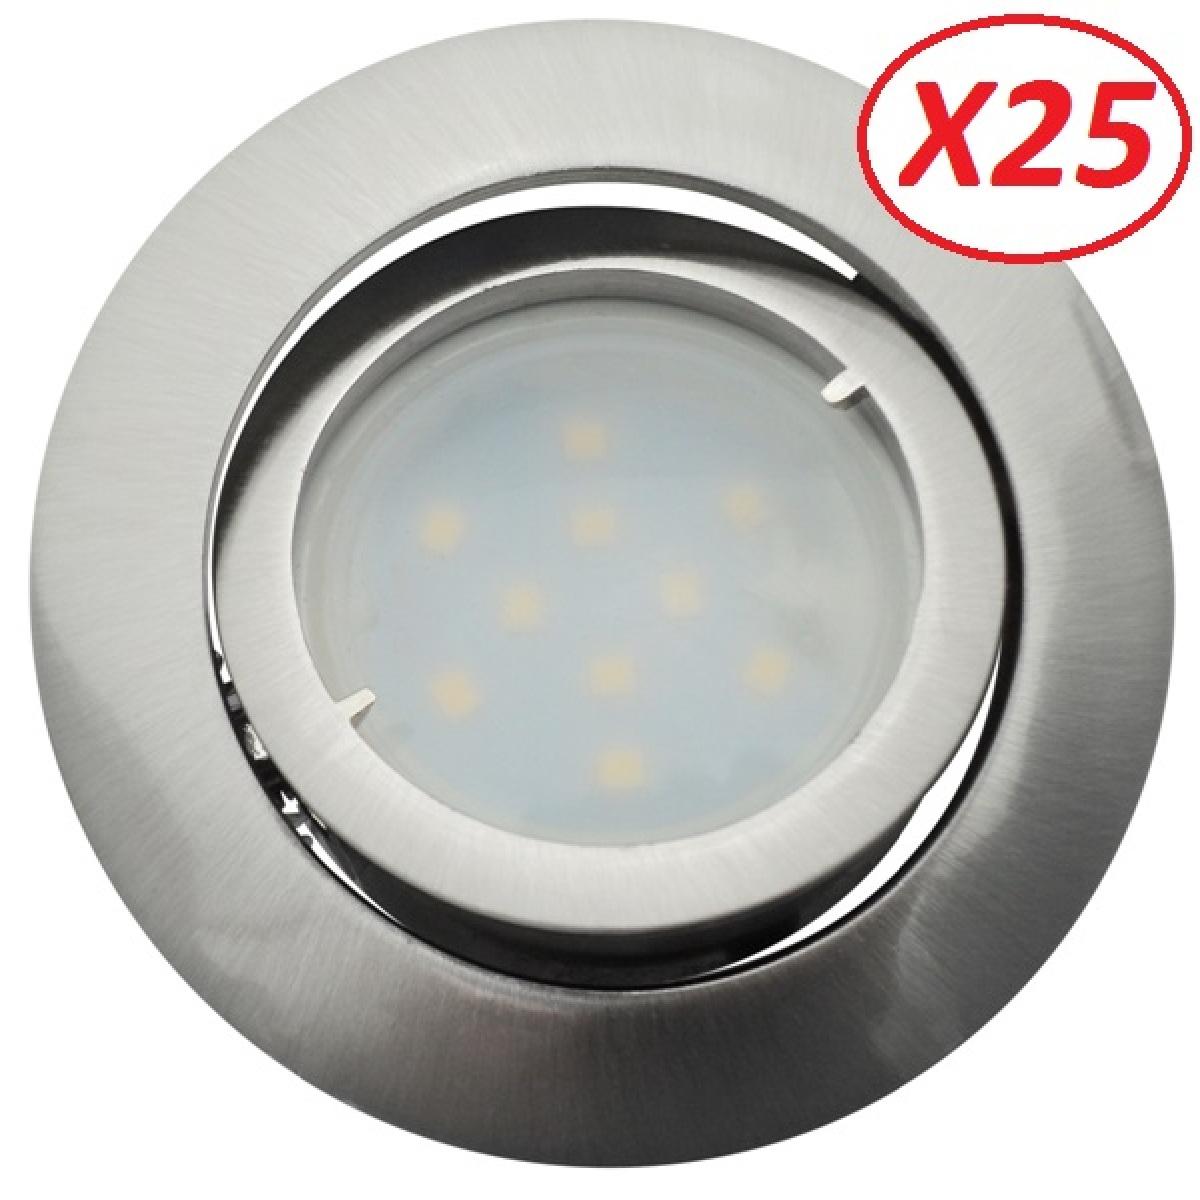 Eurobryte Lot de 25 Spot Led Encastrable Complete Satin Orientable lumière Blanc Neutre eq. 50W ref.895